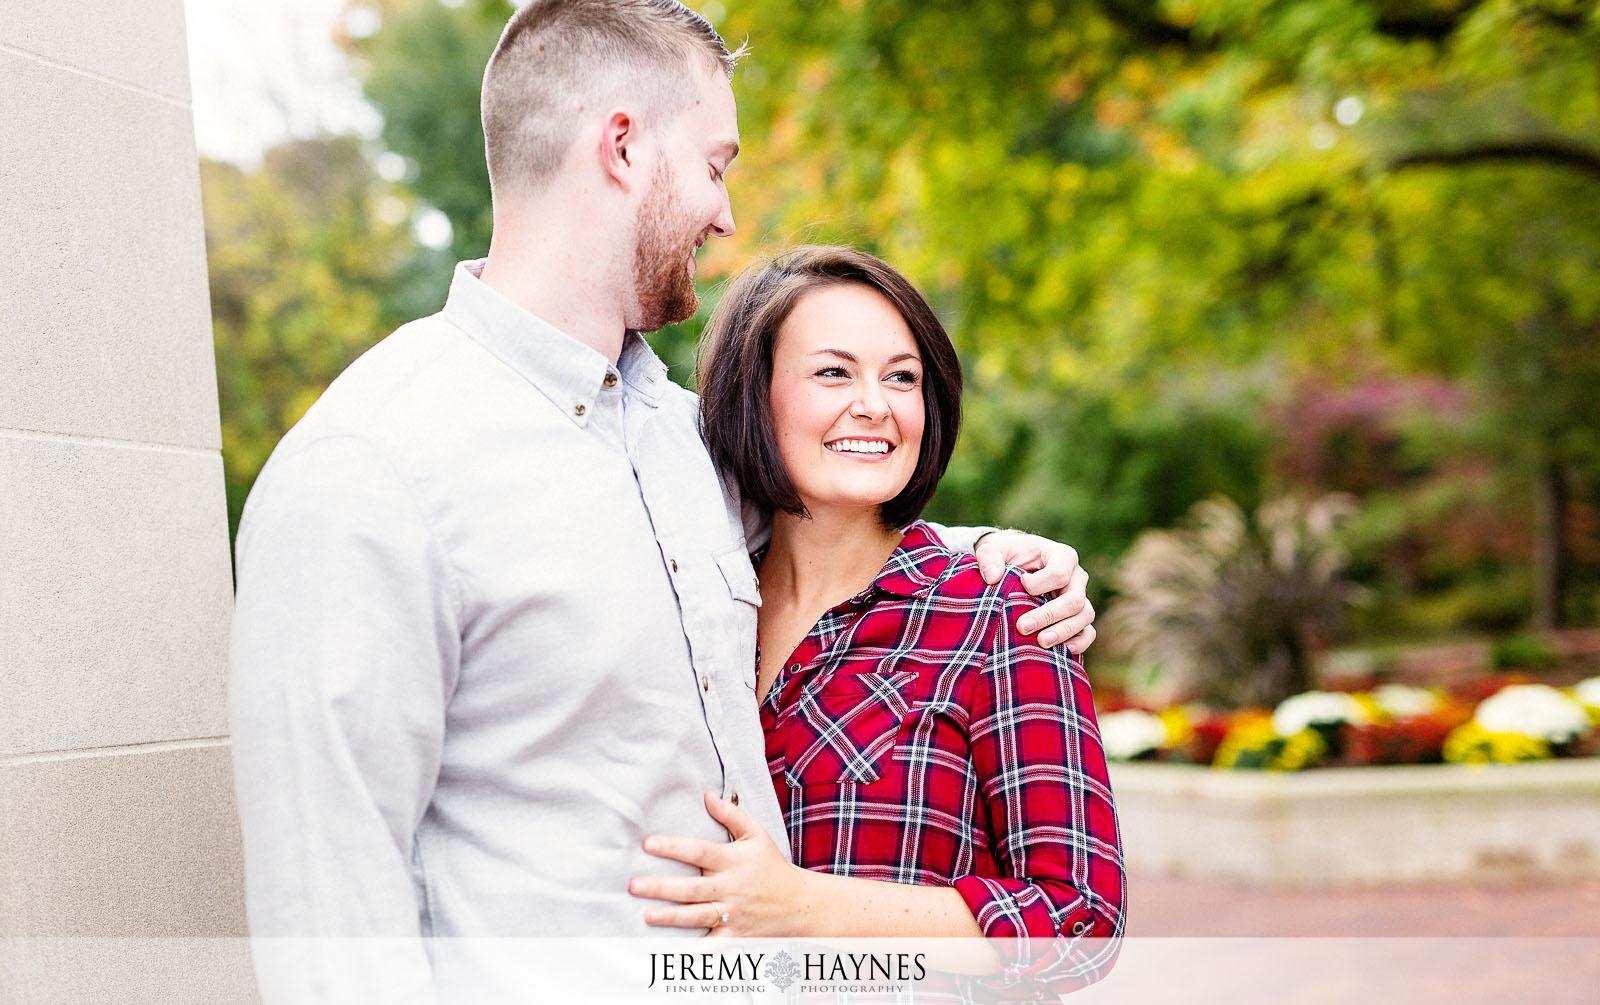 Indiana University dating grootste dating faalt hand positie